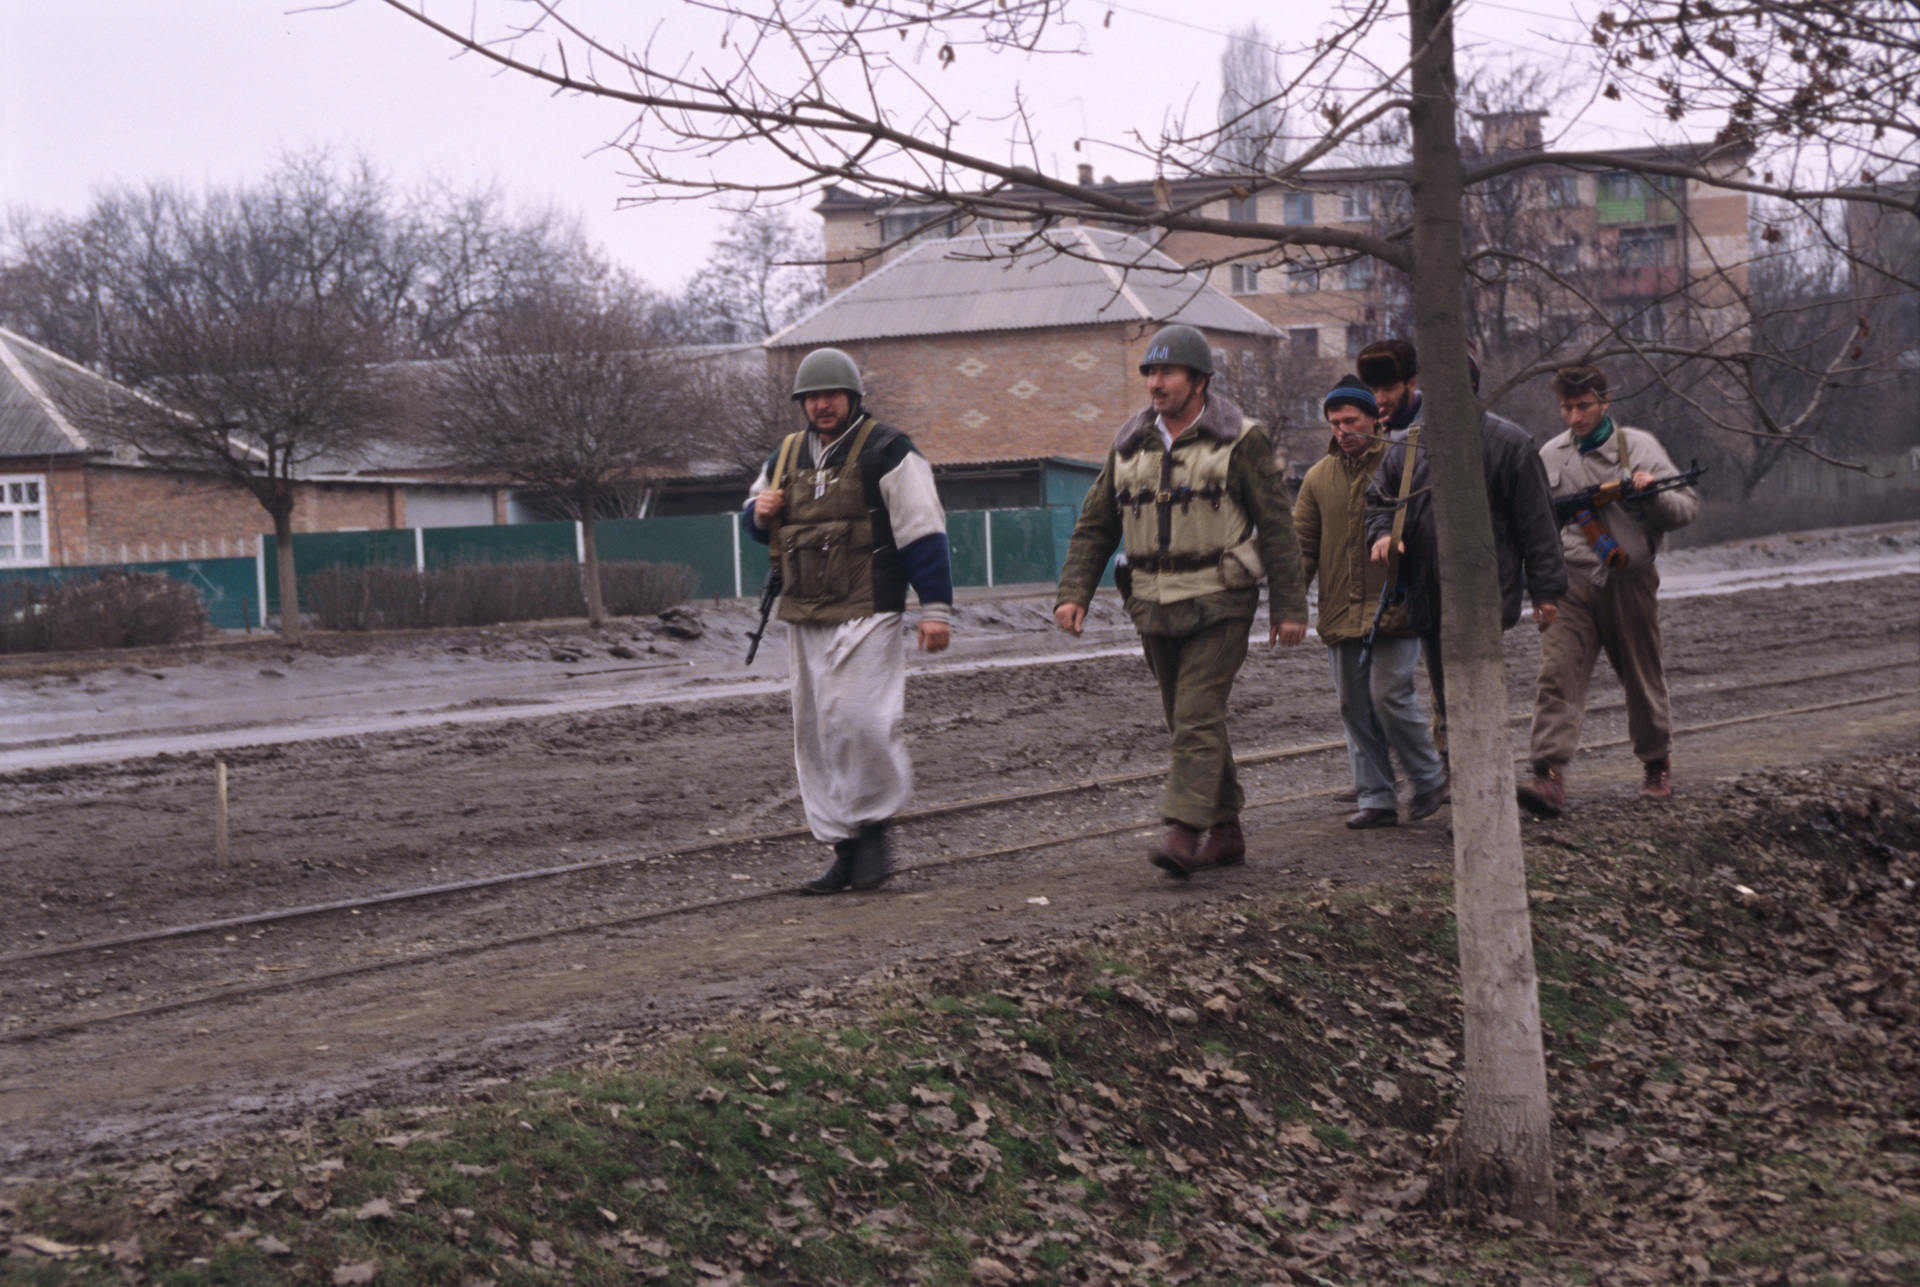 «Разборка внутри конкурирующих банд»: почему убийство боевика в ФРГ стало поводом для высылки дипломатов РФ